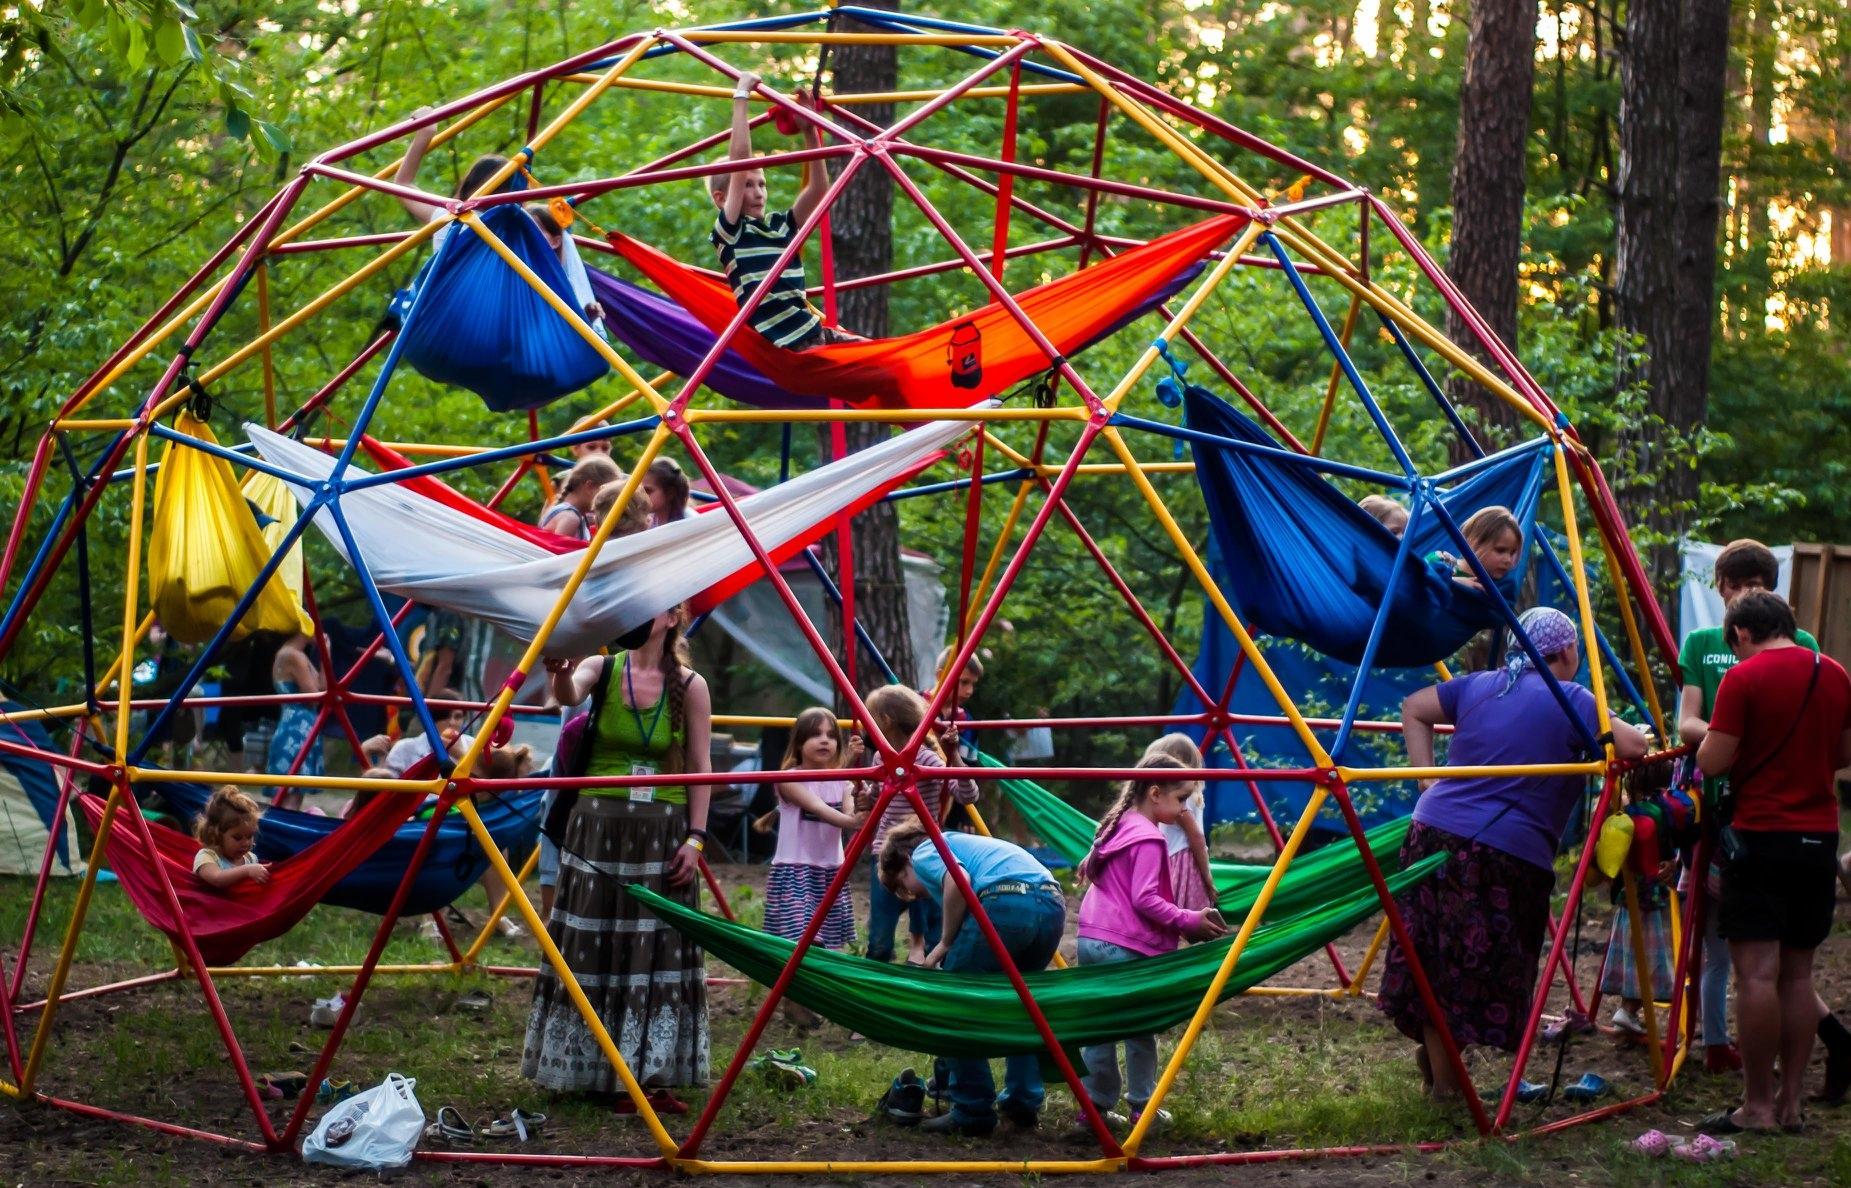 Геокупол на фестивале